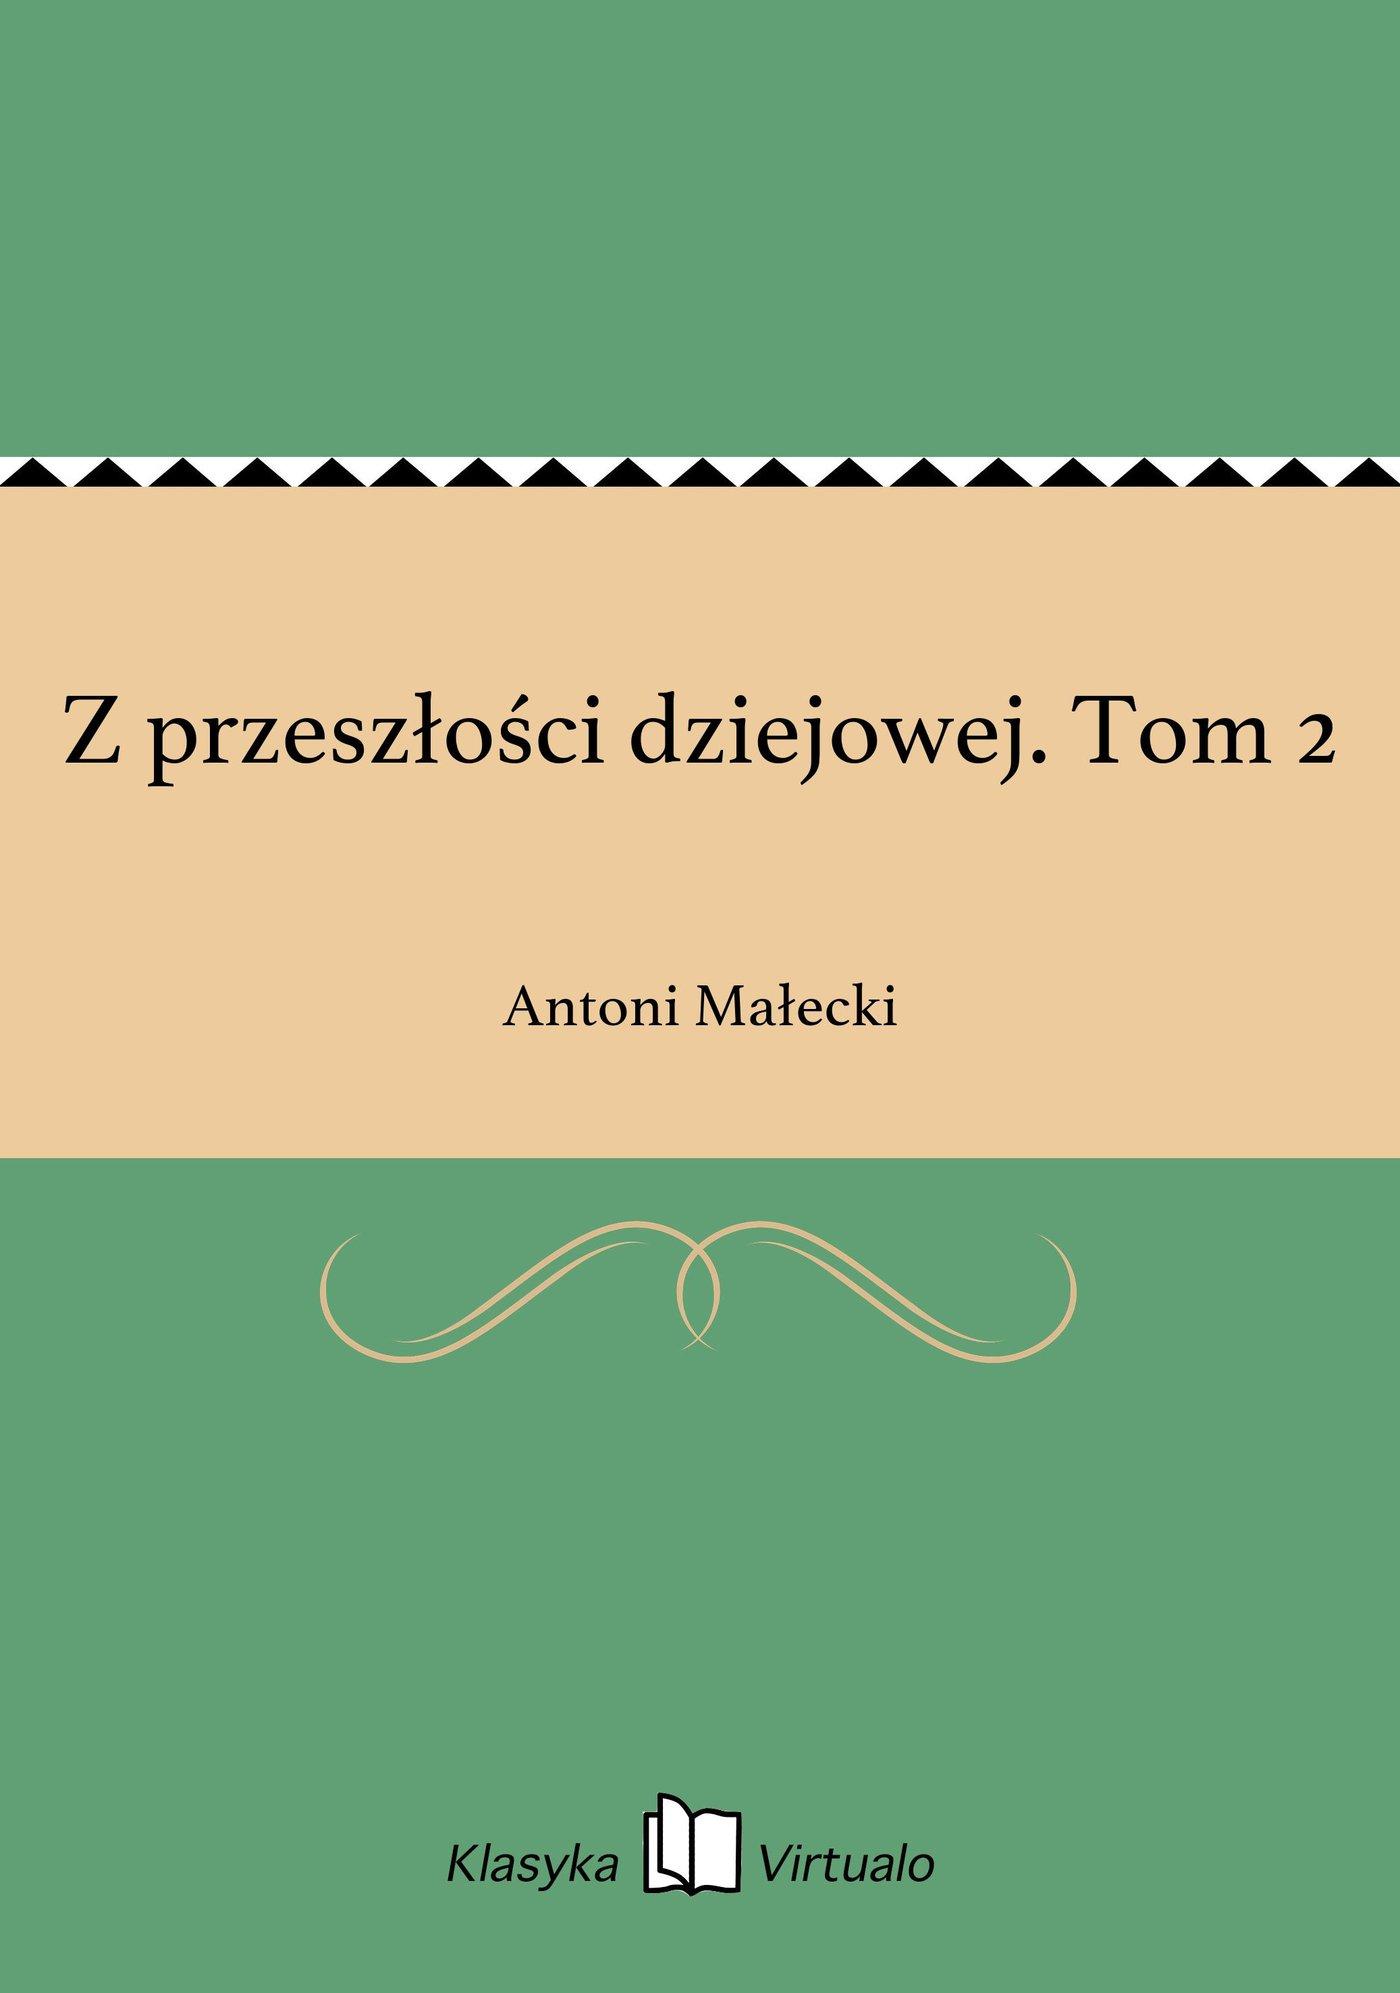 Z przeszłości dziejowej. Tom 2 - Ebook (Książka EPUB) do pobrania w formacie EPUB